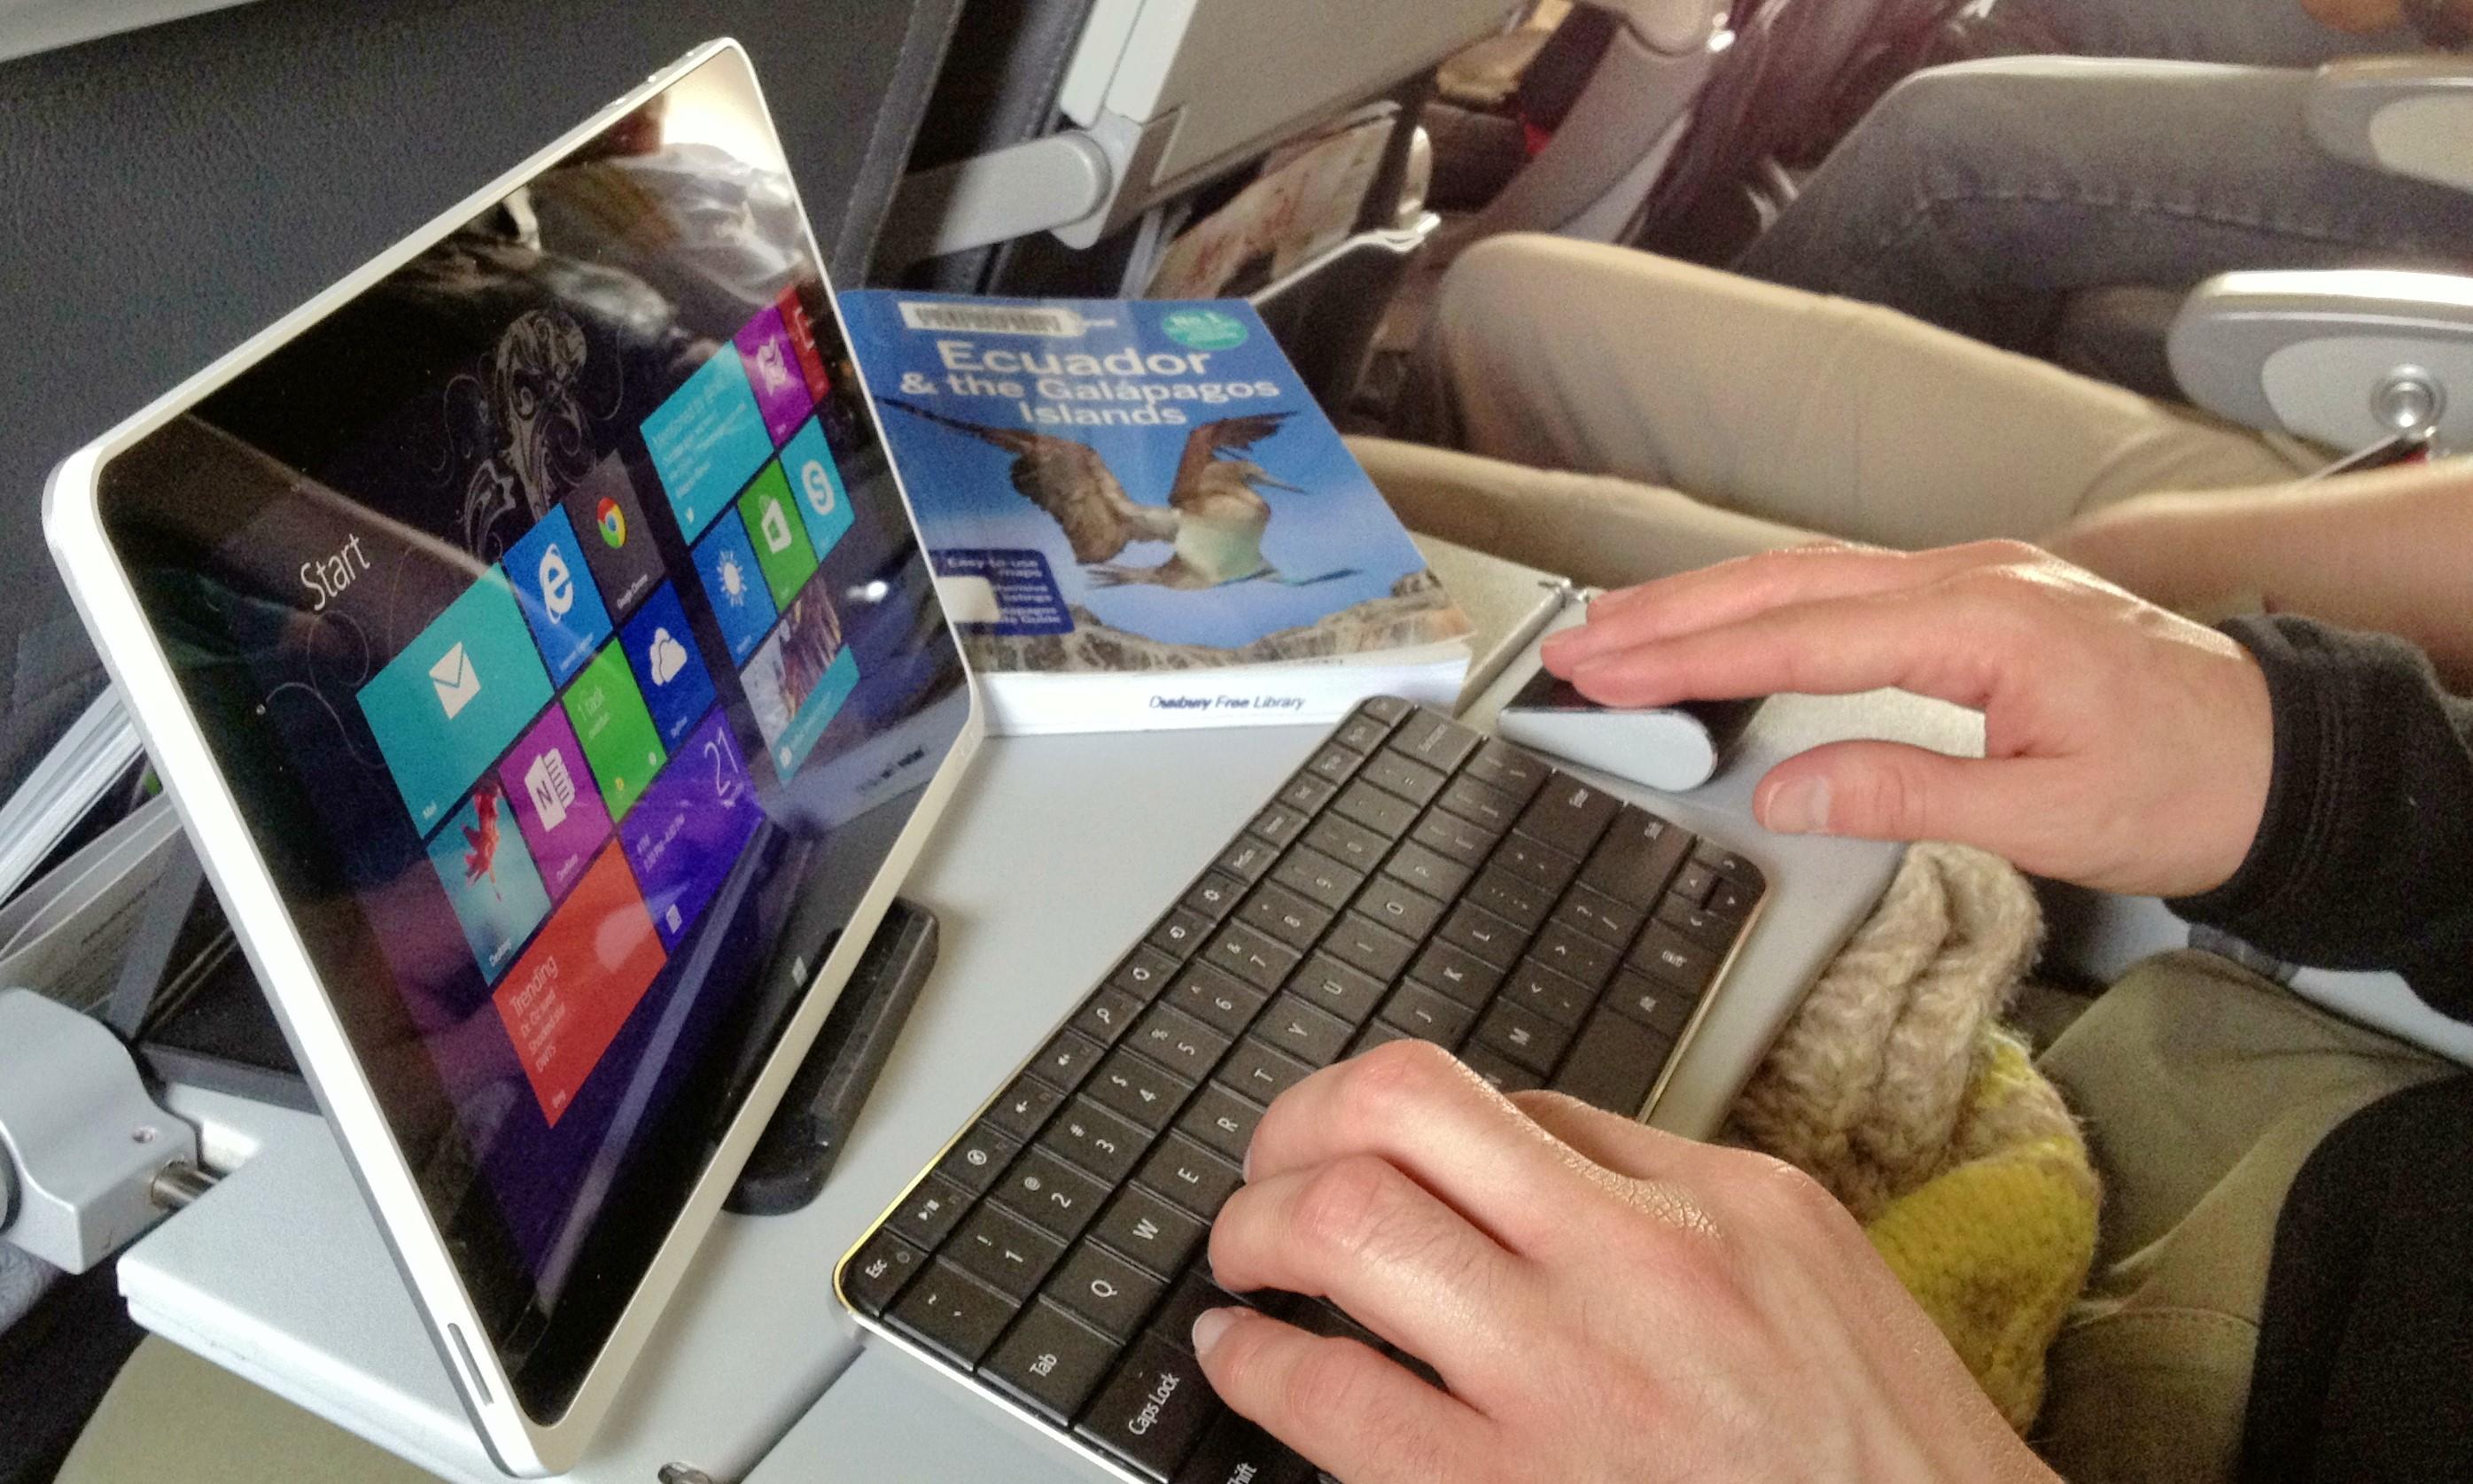 Что лучше выбрать: ноутбук или планшет. Эксперты советуют выбросить лэптоп и освоить iPad